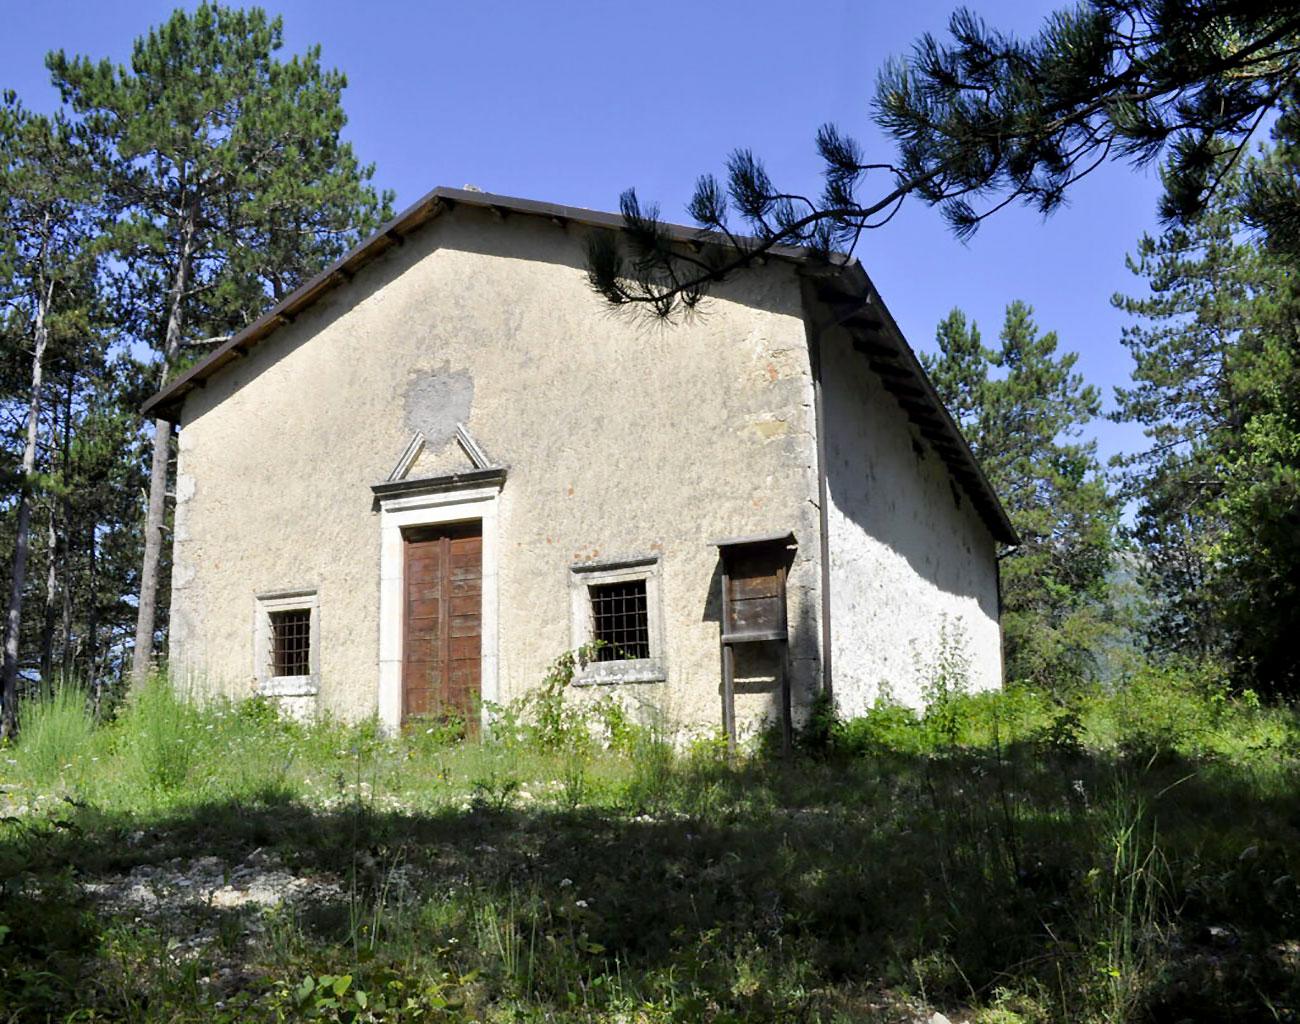 Chiesa Santa Croce alla pineta, secolo XVII